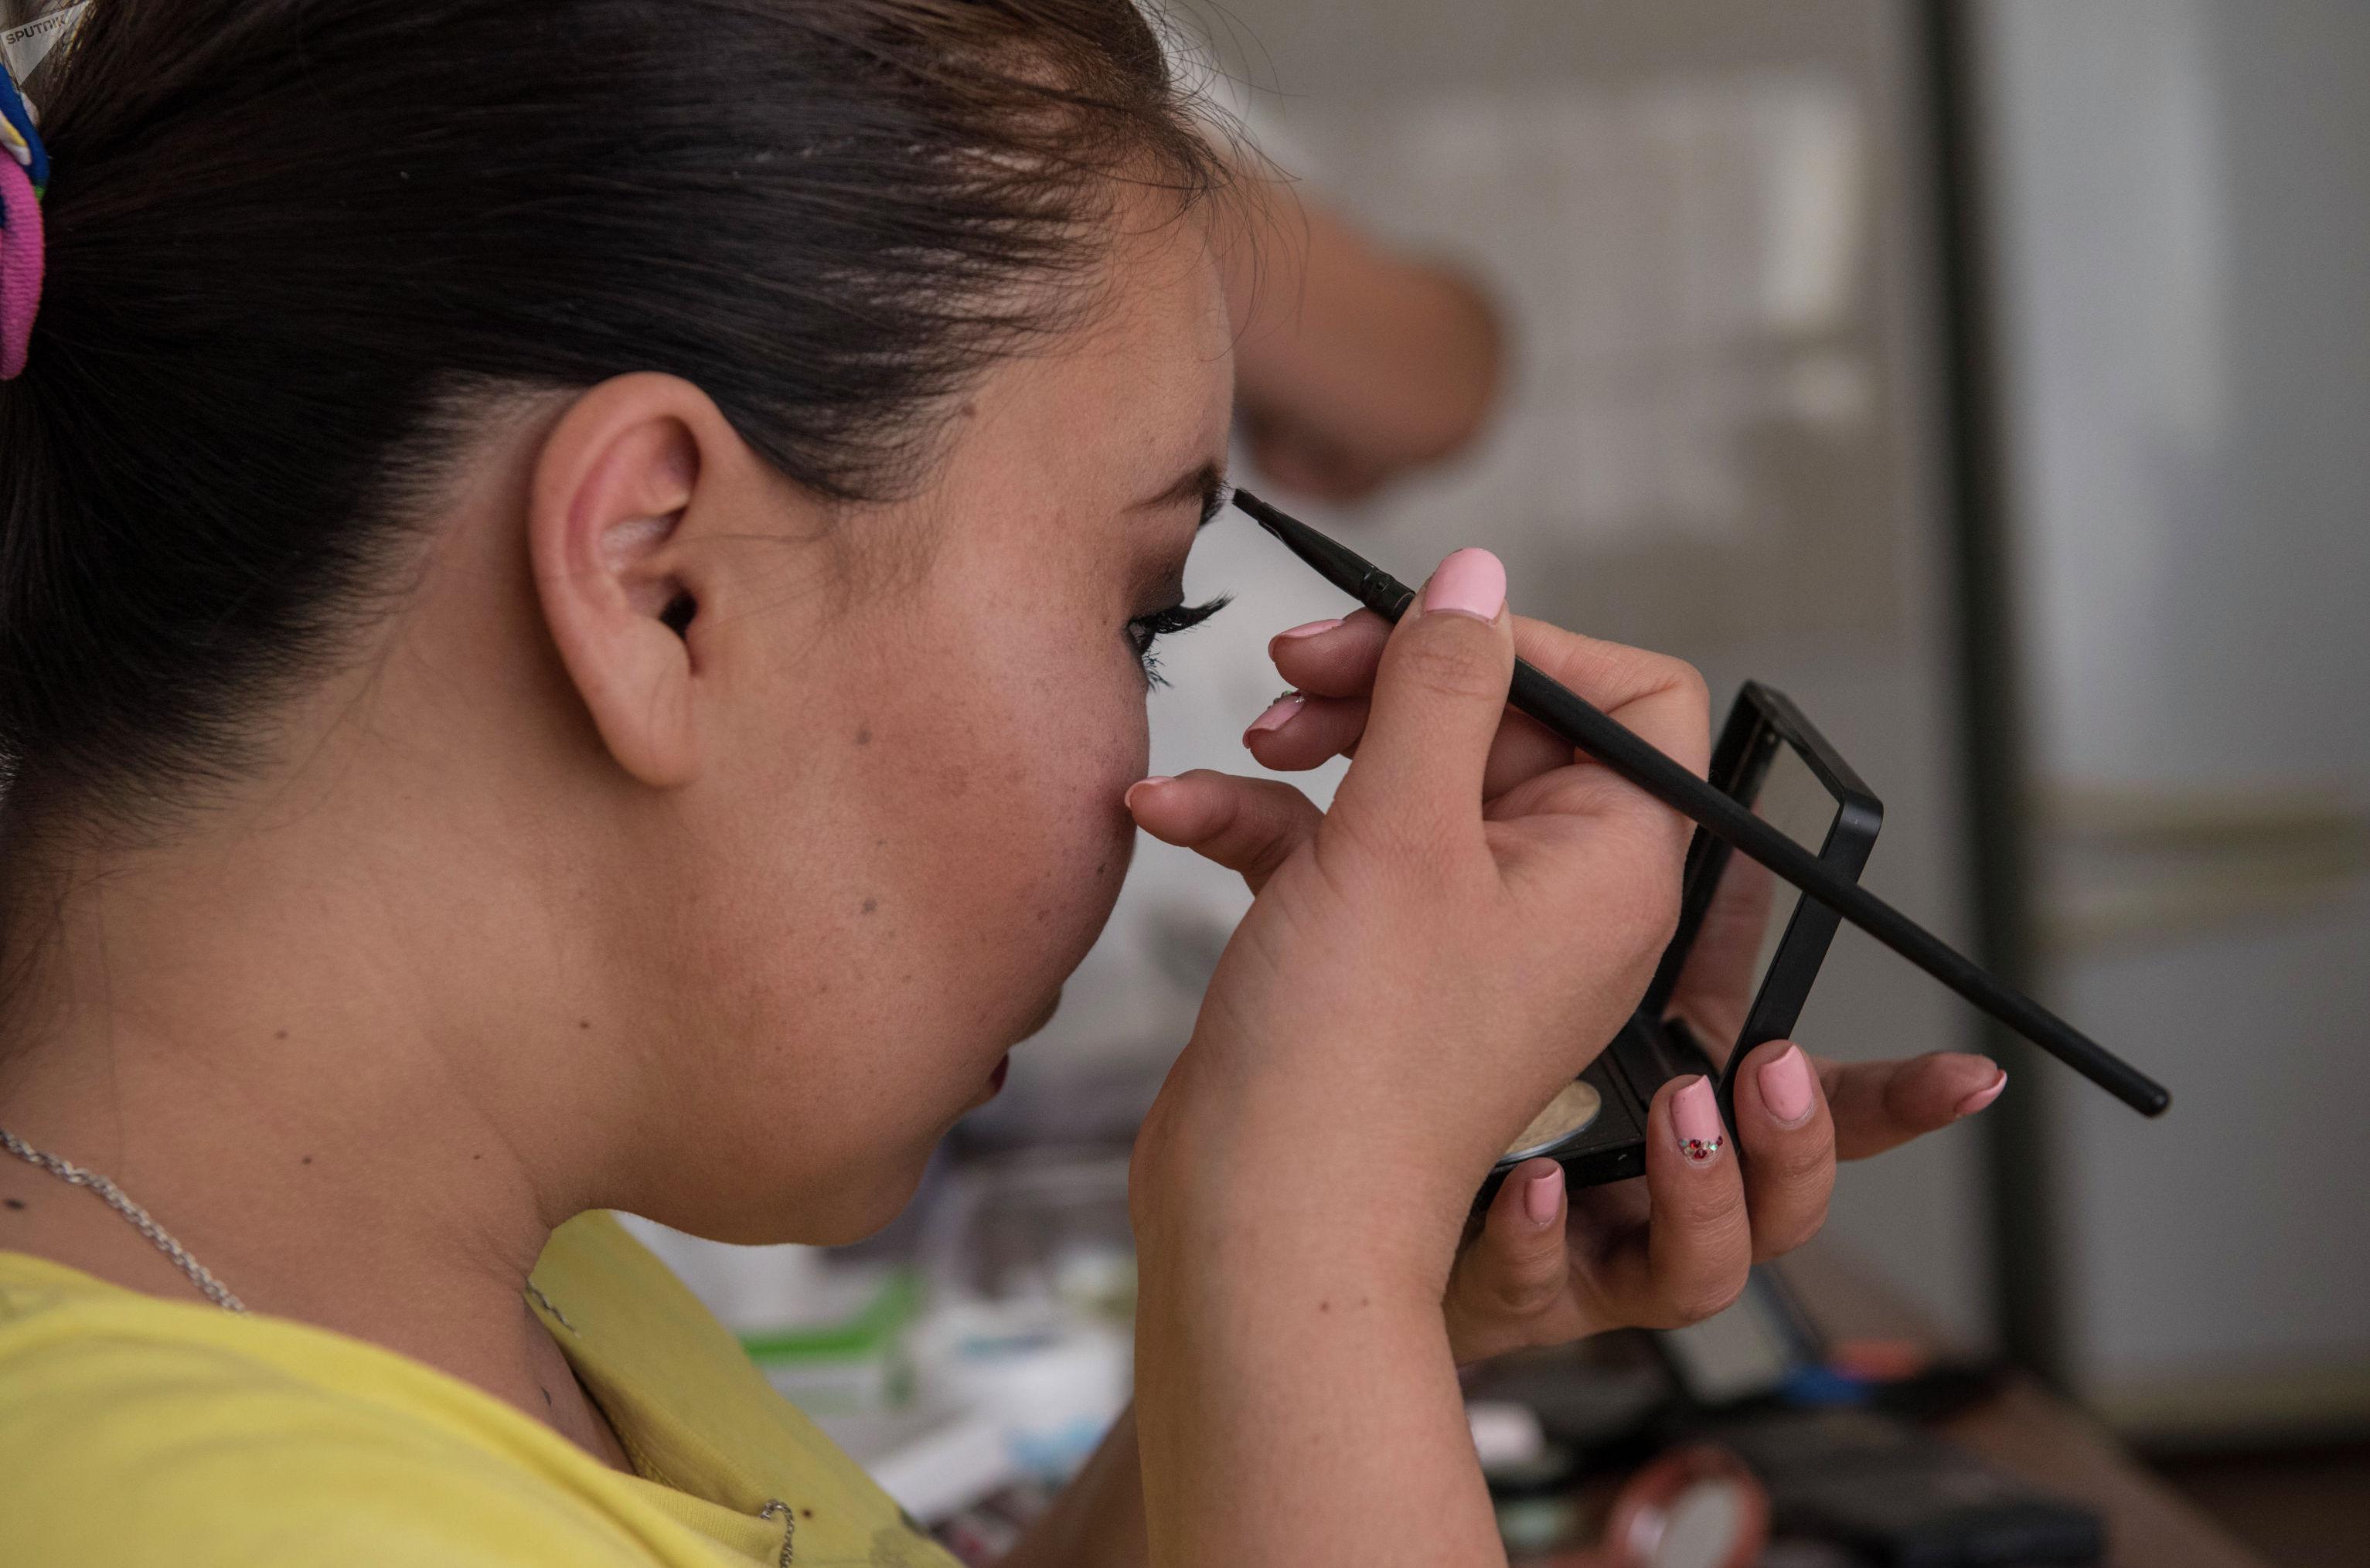 Девушка на курсе макияжа для людей с инвалидностью в Бишкеке